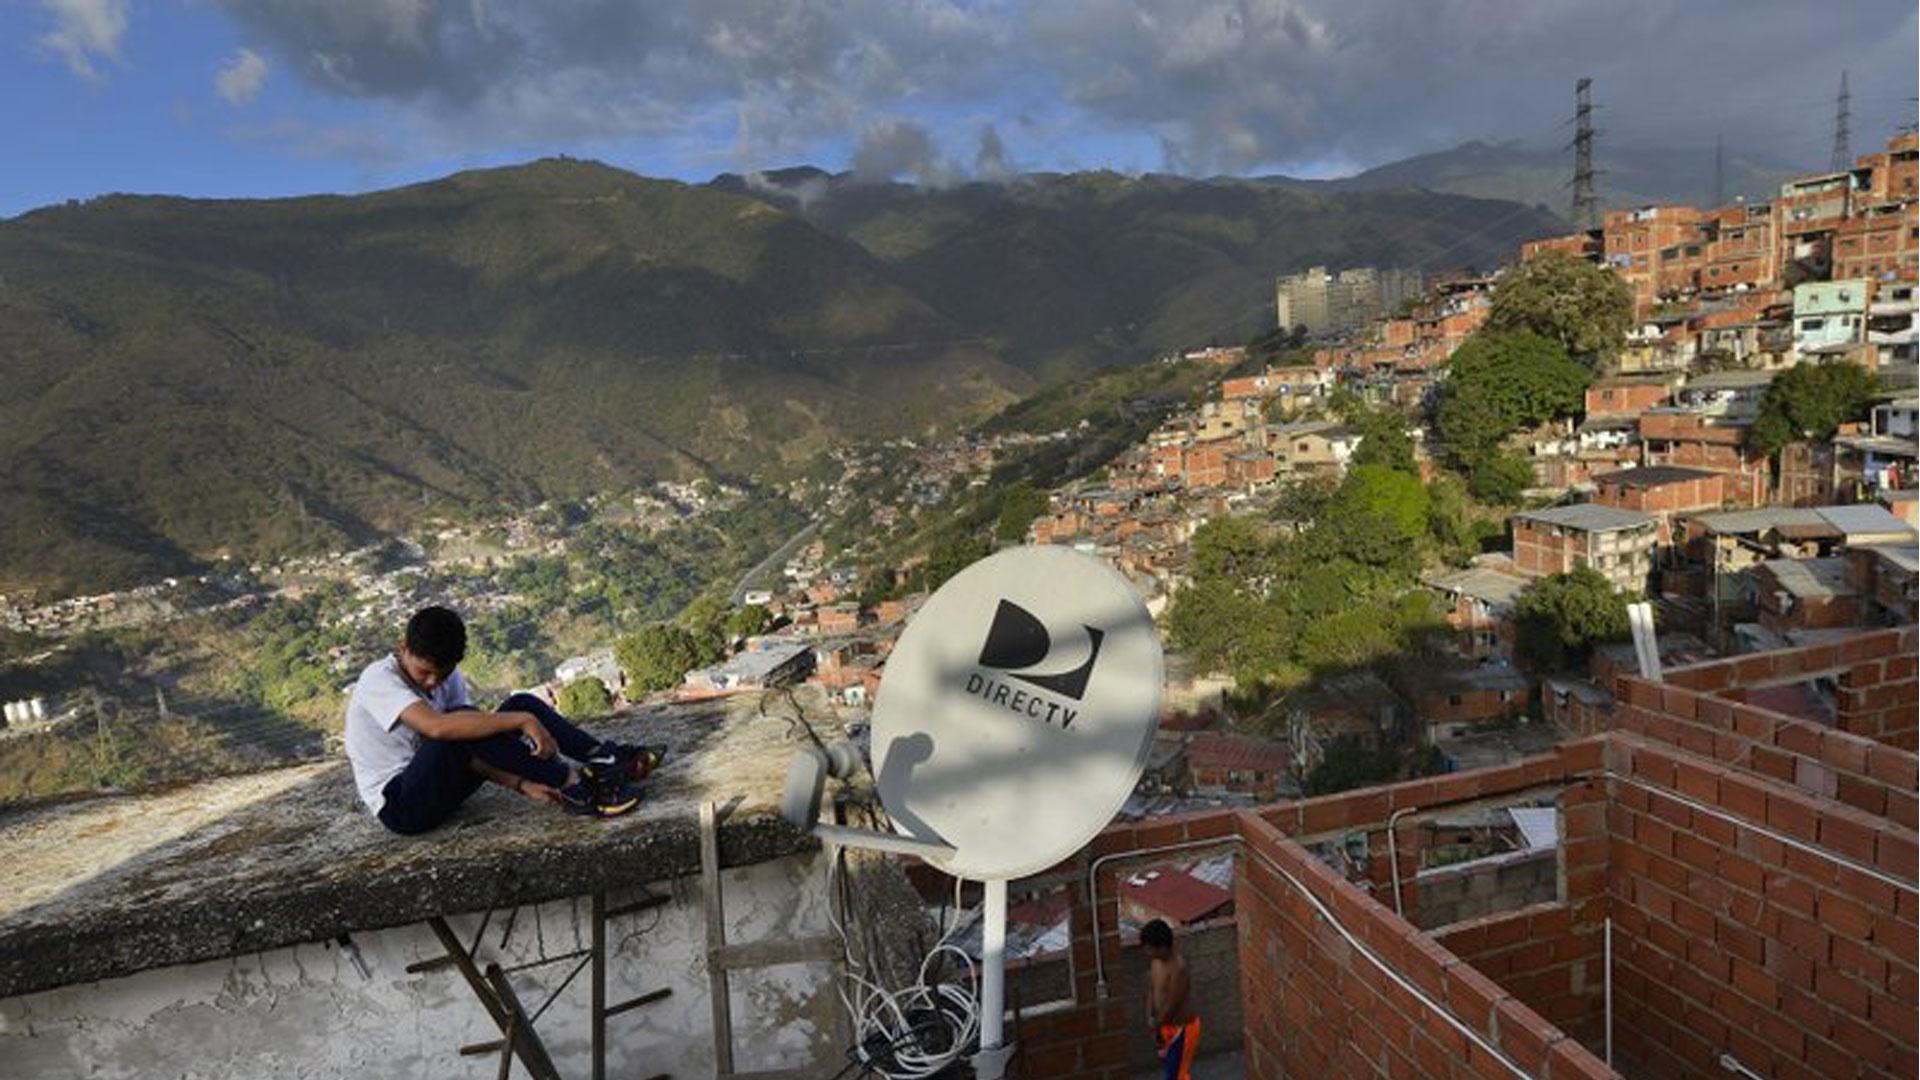 DirecTV considera  reincorporar canales de noticias que Maduro sacó del aire